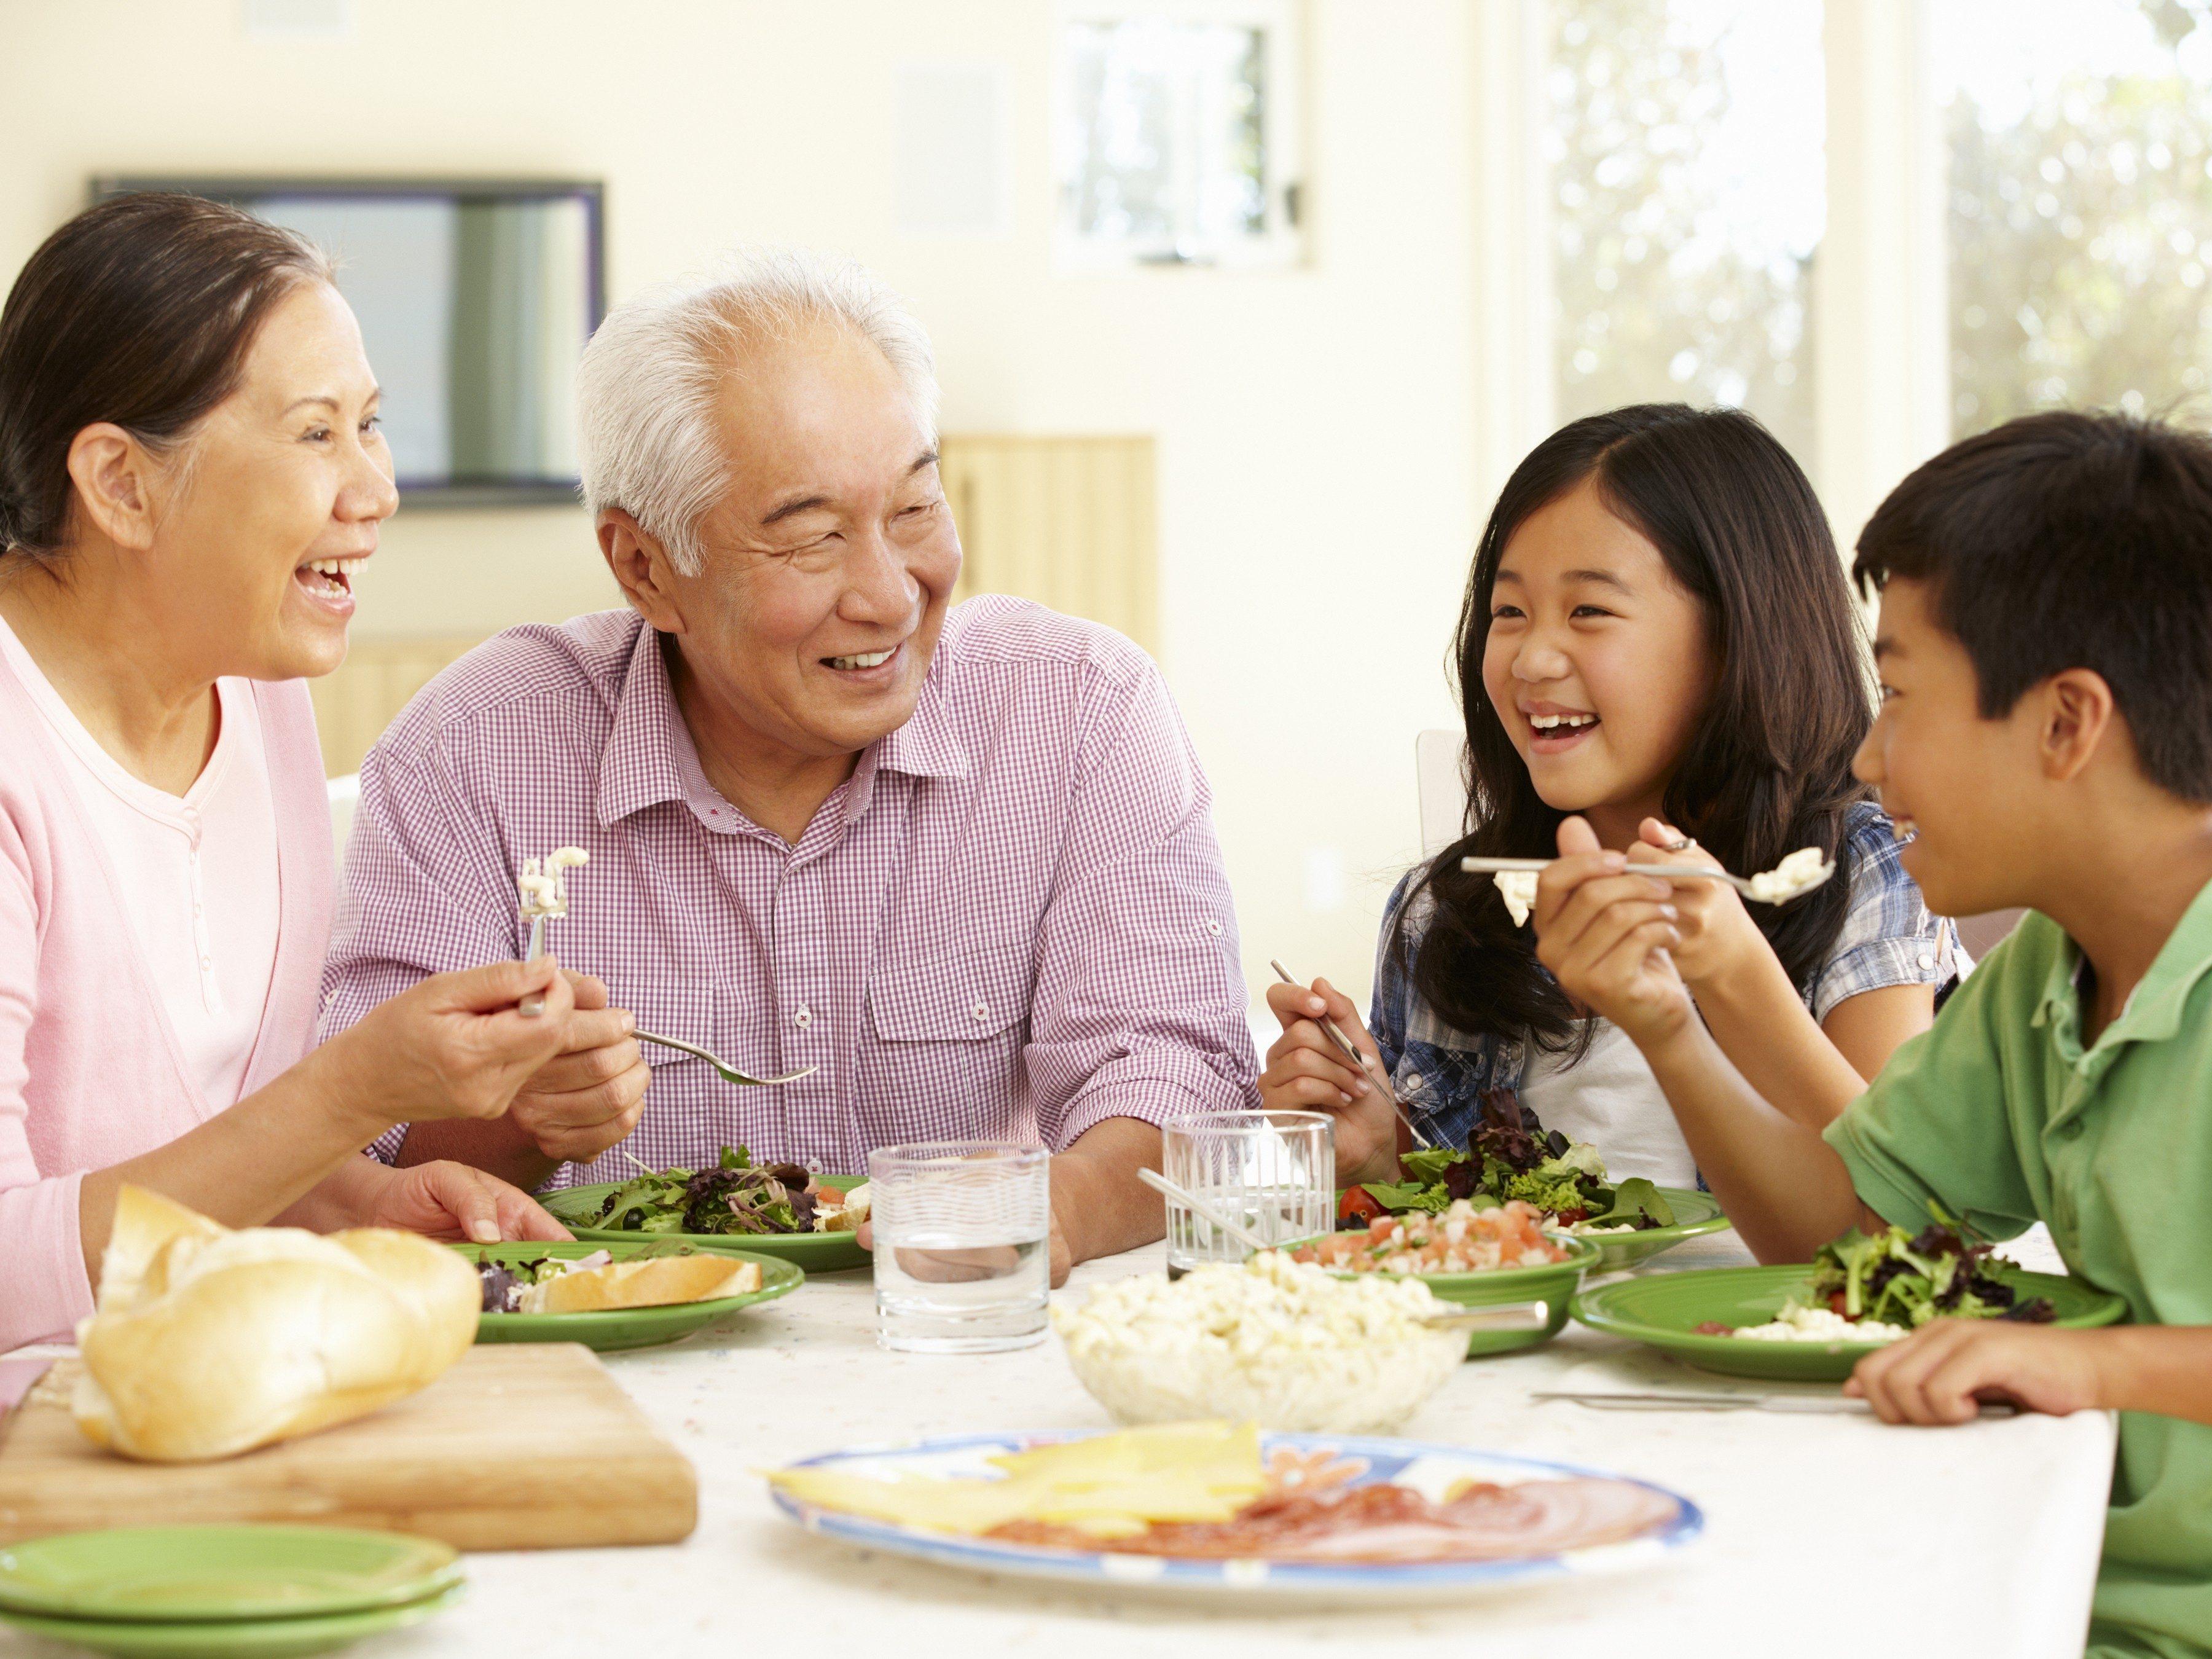 1. Respect your grandchild's routine